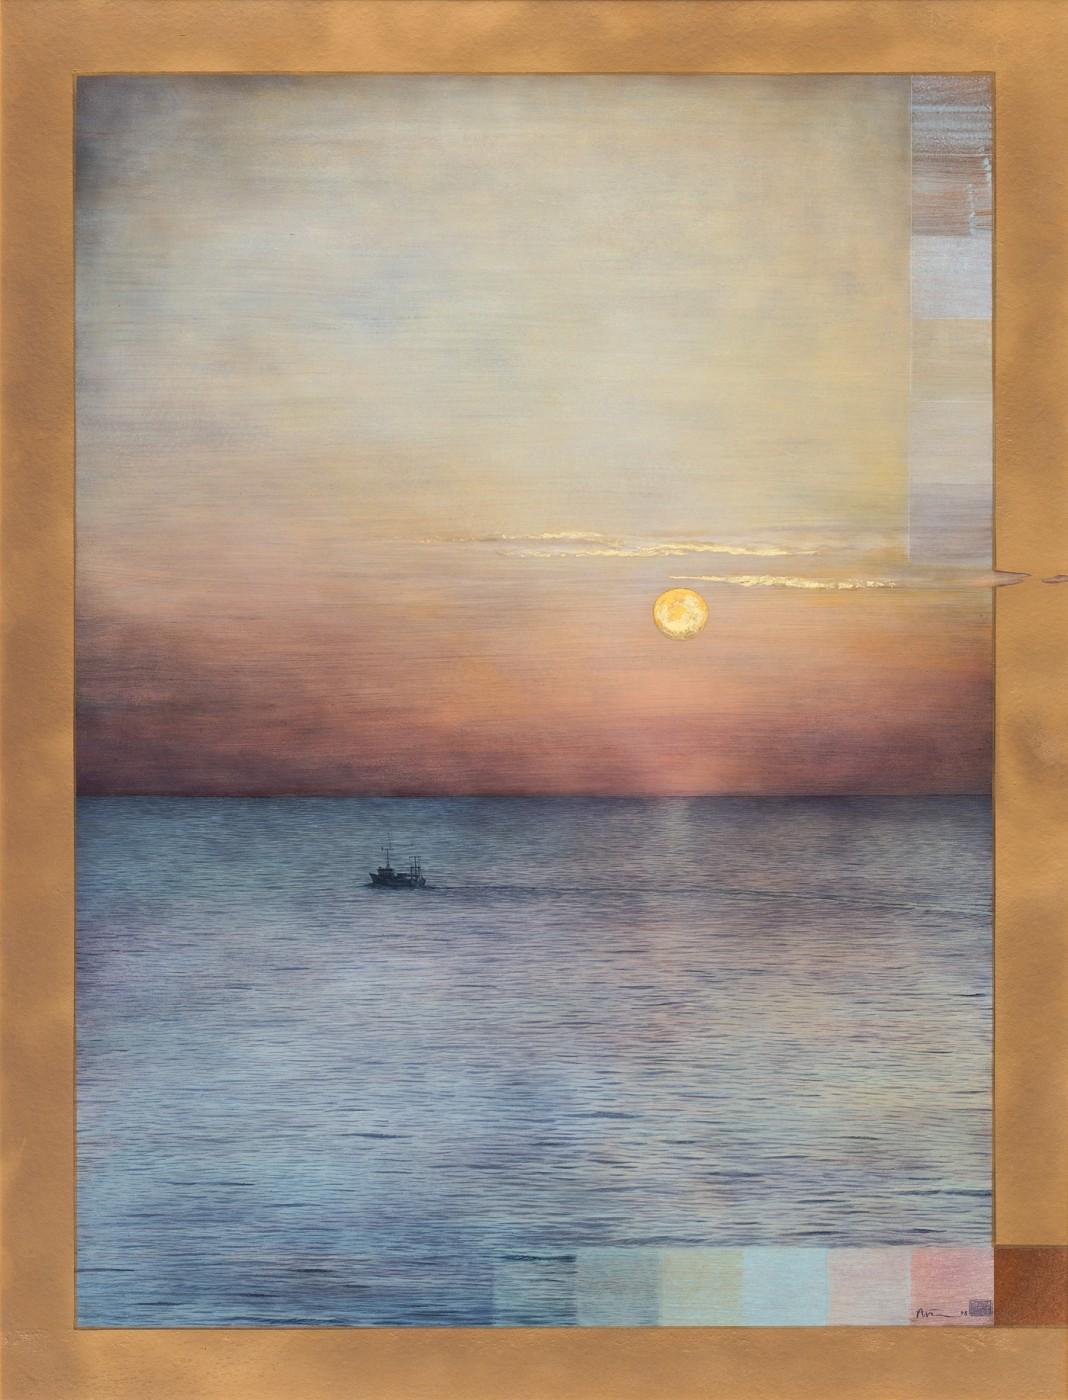 Sunset in Jaffa